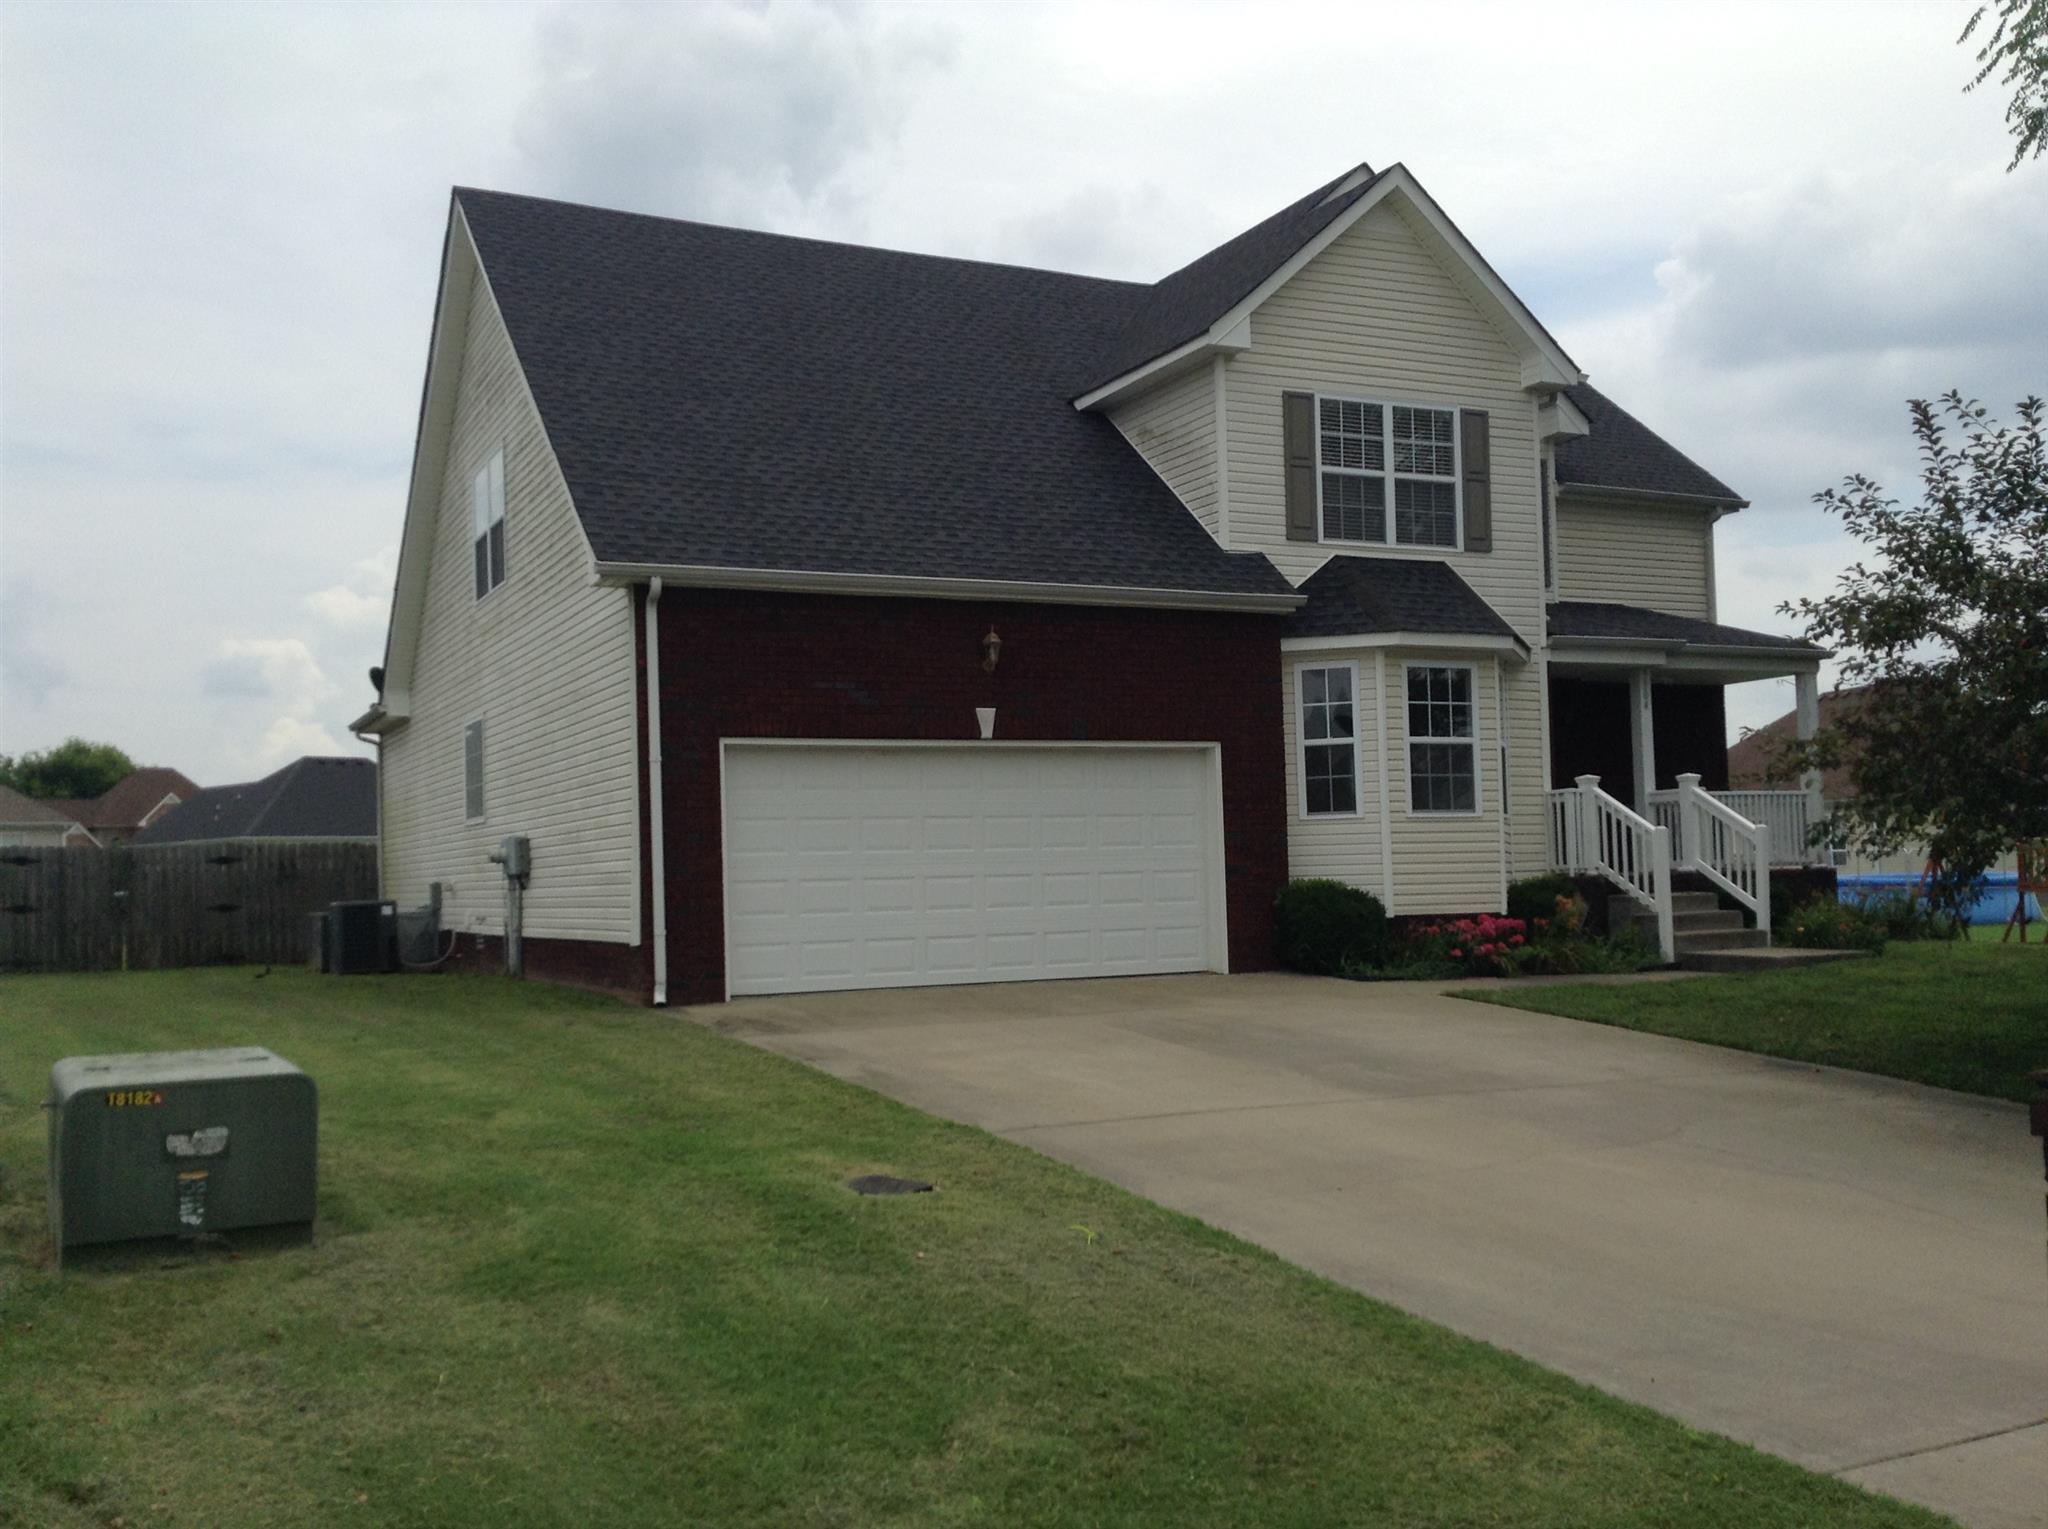 3904 Tyler Brown Dr, Clarksville, TN 37040